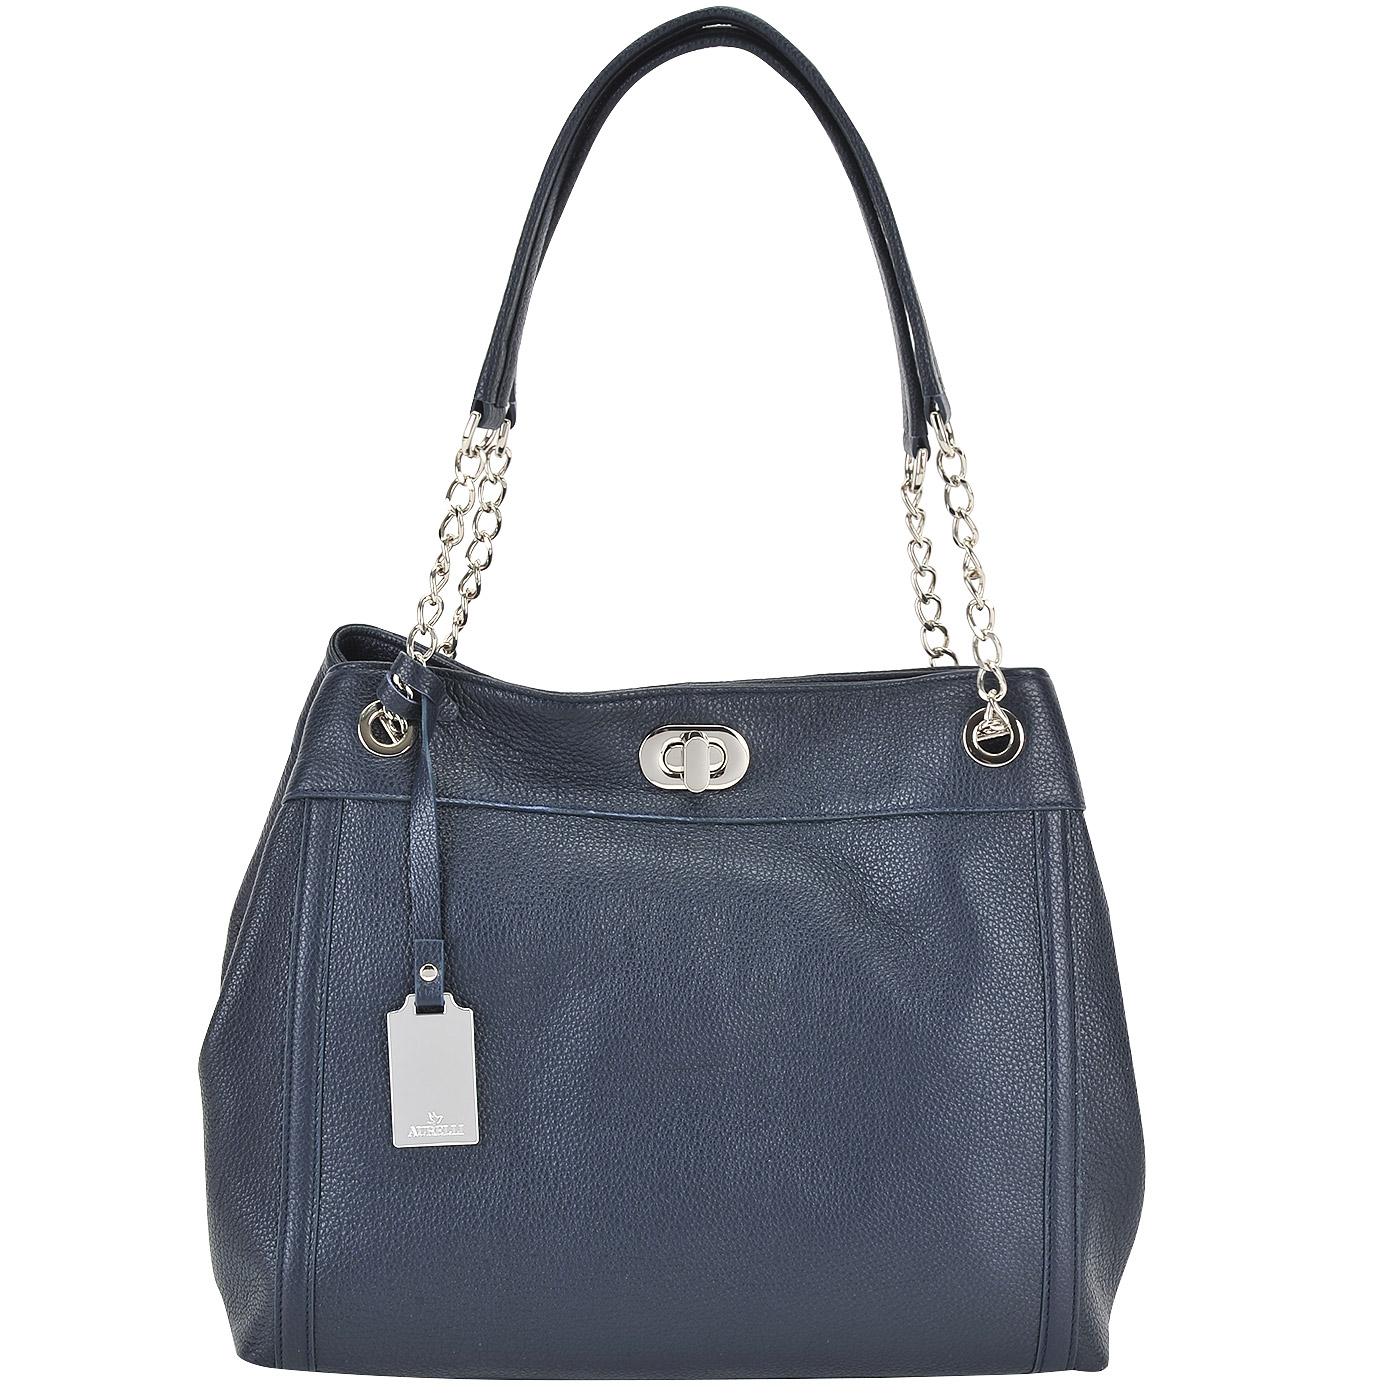 Синяя женская сумка из натуральной кожи Aurelli 16W0045-24S-blu ... b9914ead5f9